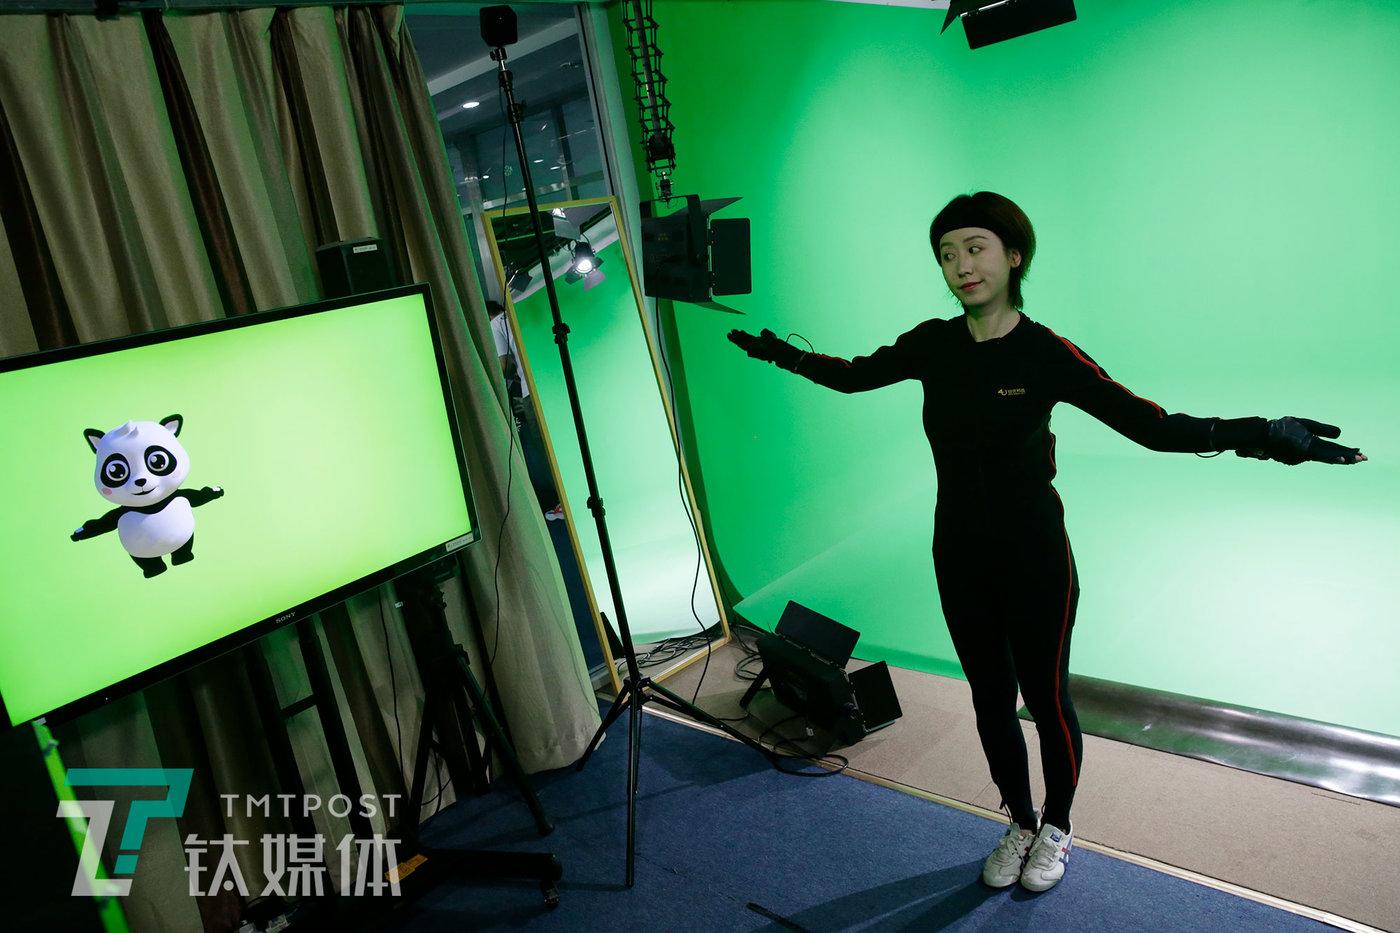 莫妮卡在演示动画角色。